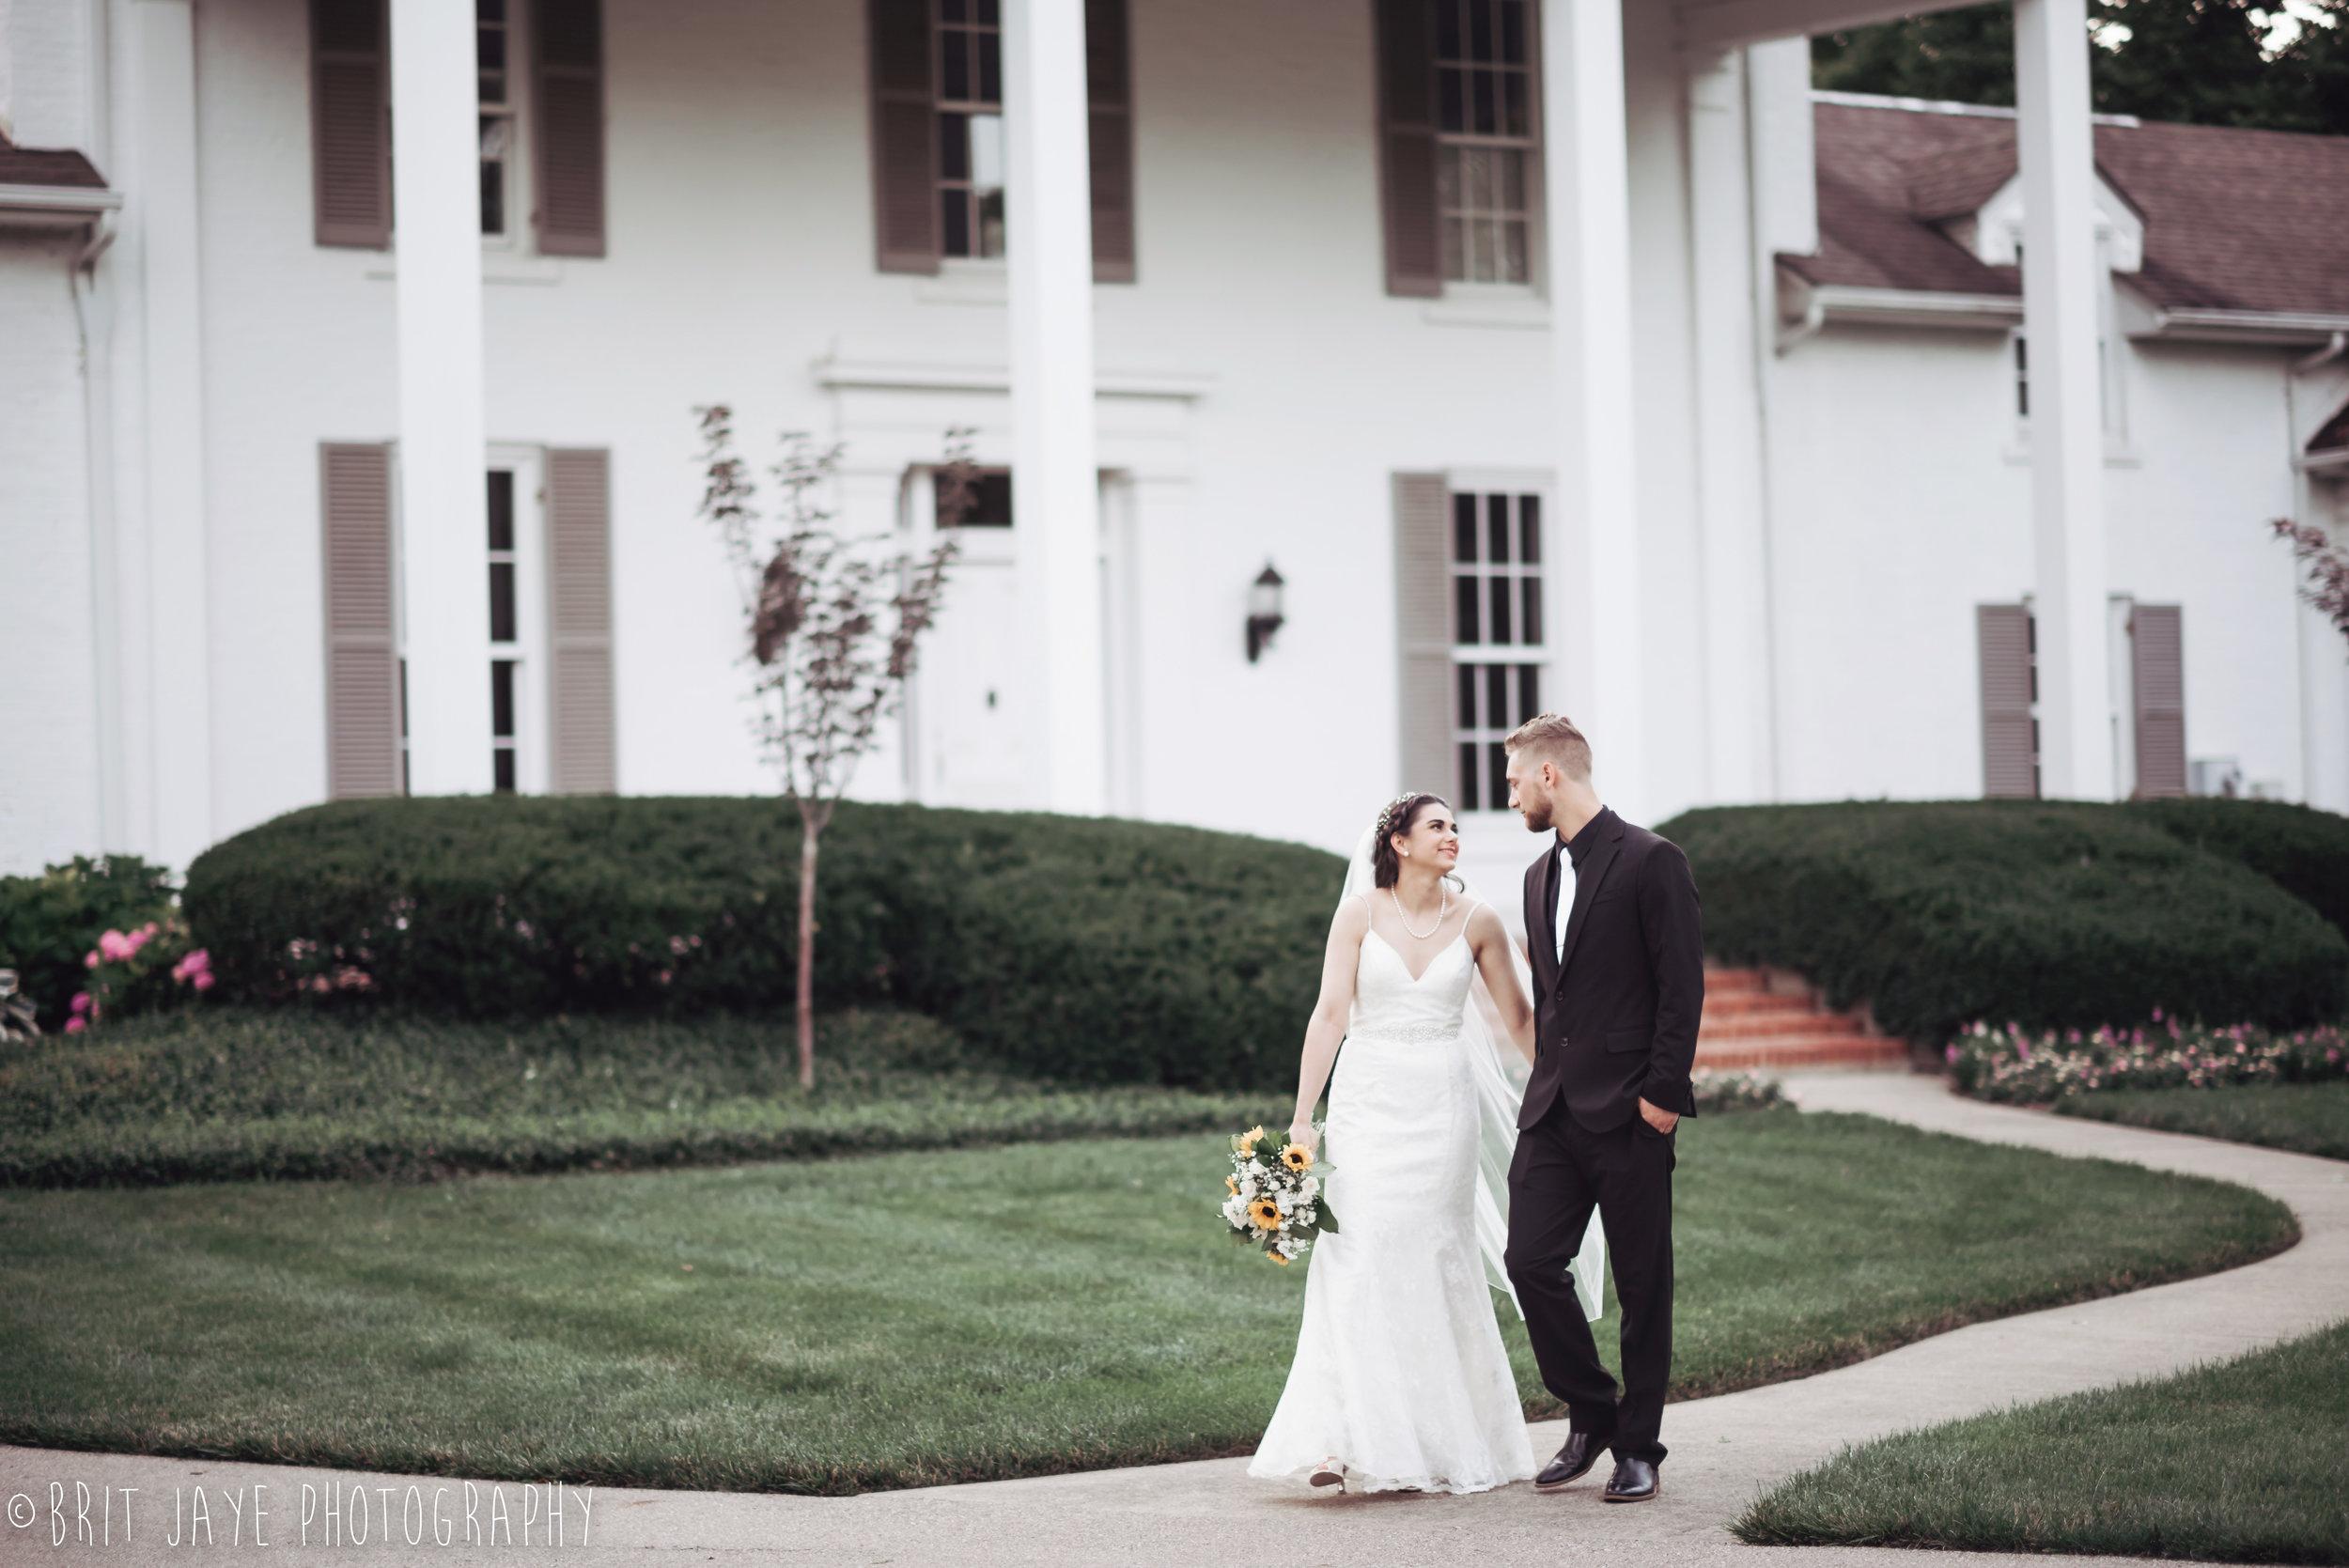 Polen_Farm_Summer_Wedding_Dayton_Ohio-1-10.jpg